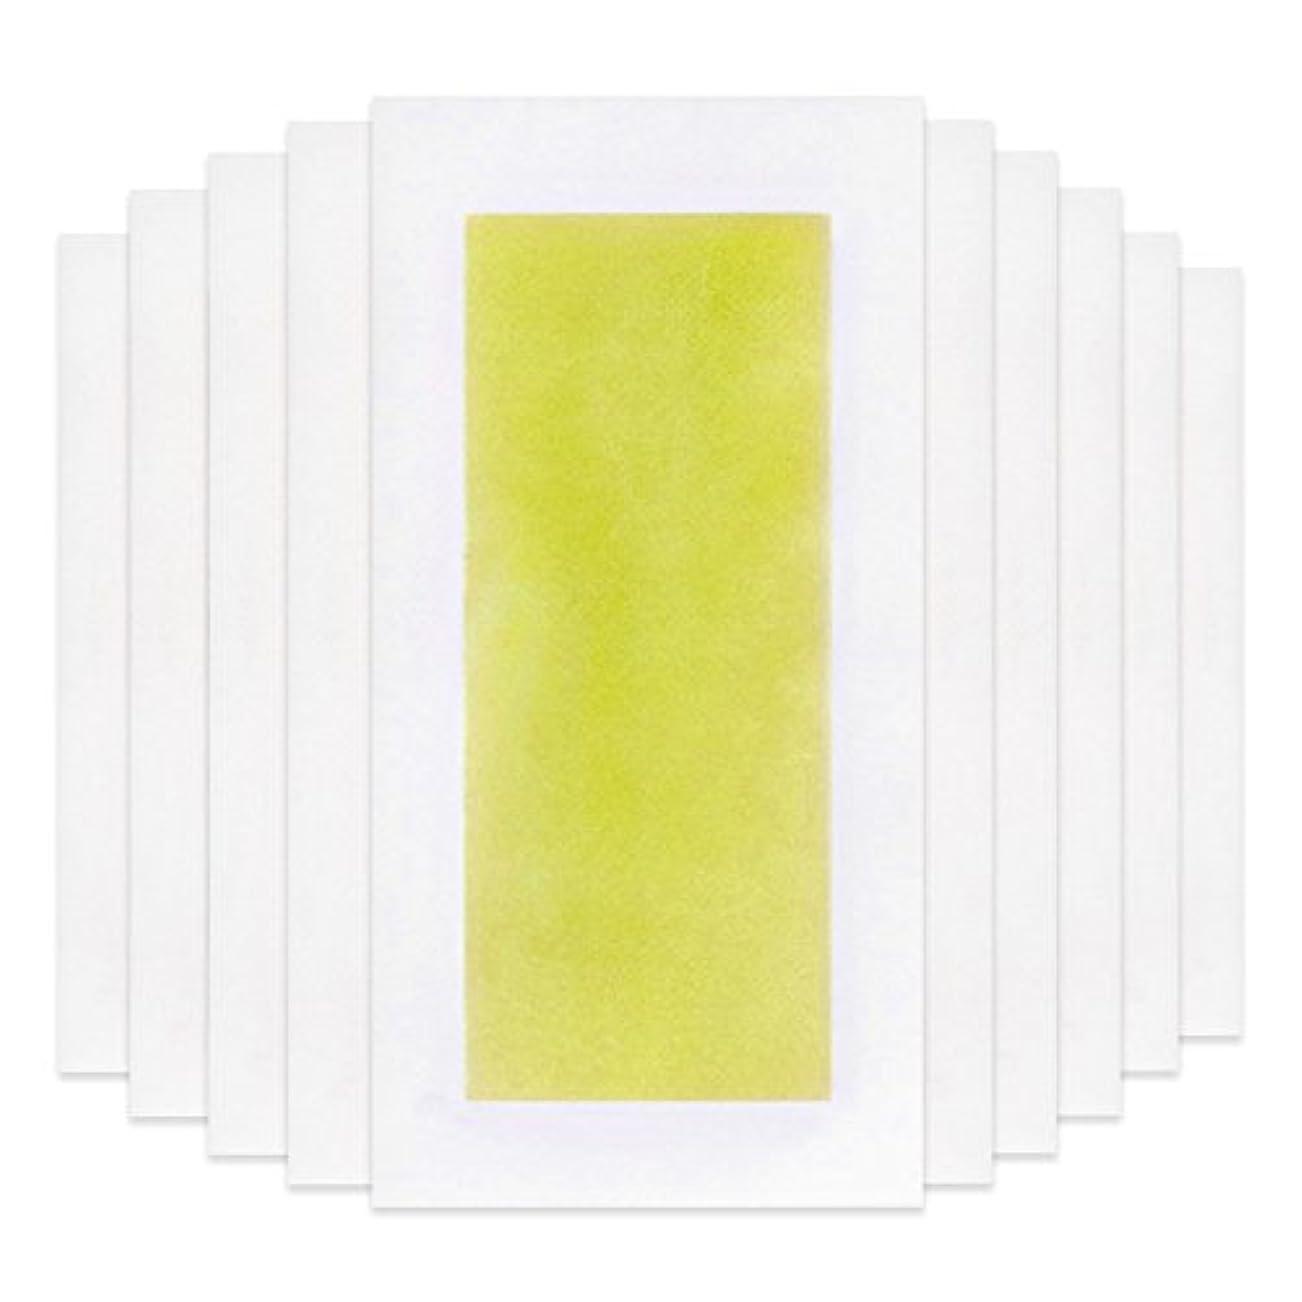 体操ジャンプする国内のRabugoo 脚の身体の顔のための10個のプロフェッショナルな夏の脱毛ダブルサイドコールドワックスストリップ紙 Yellow